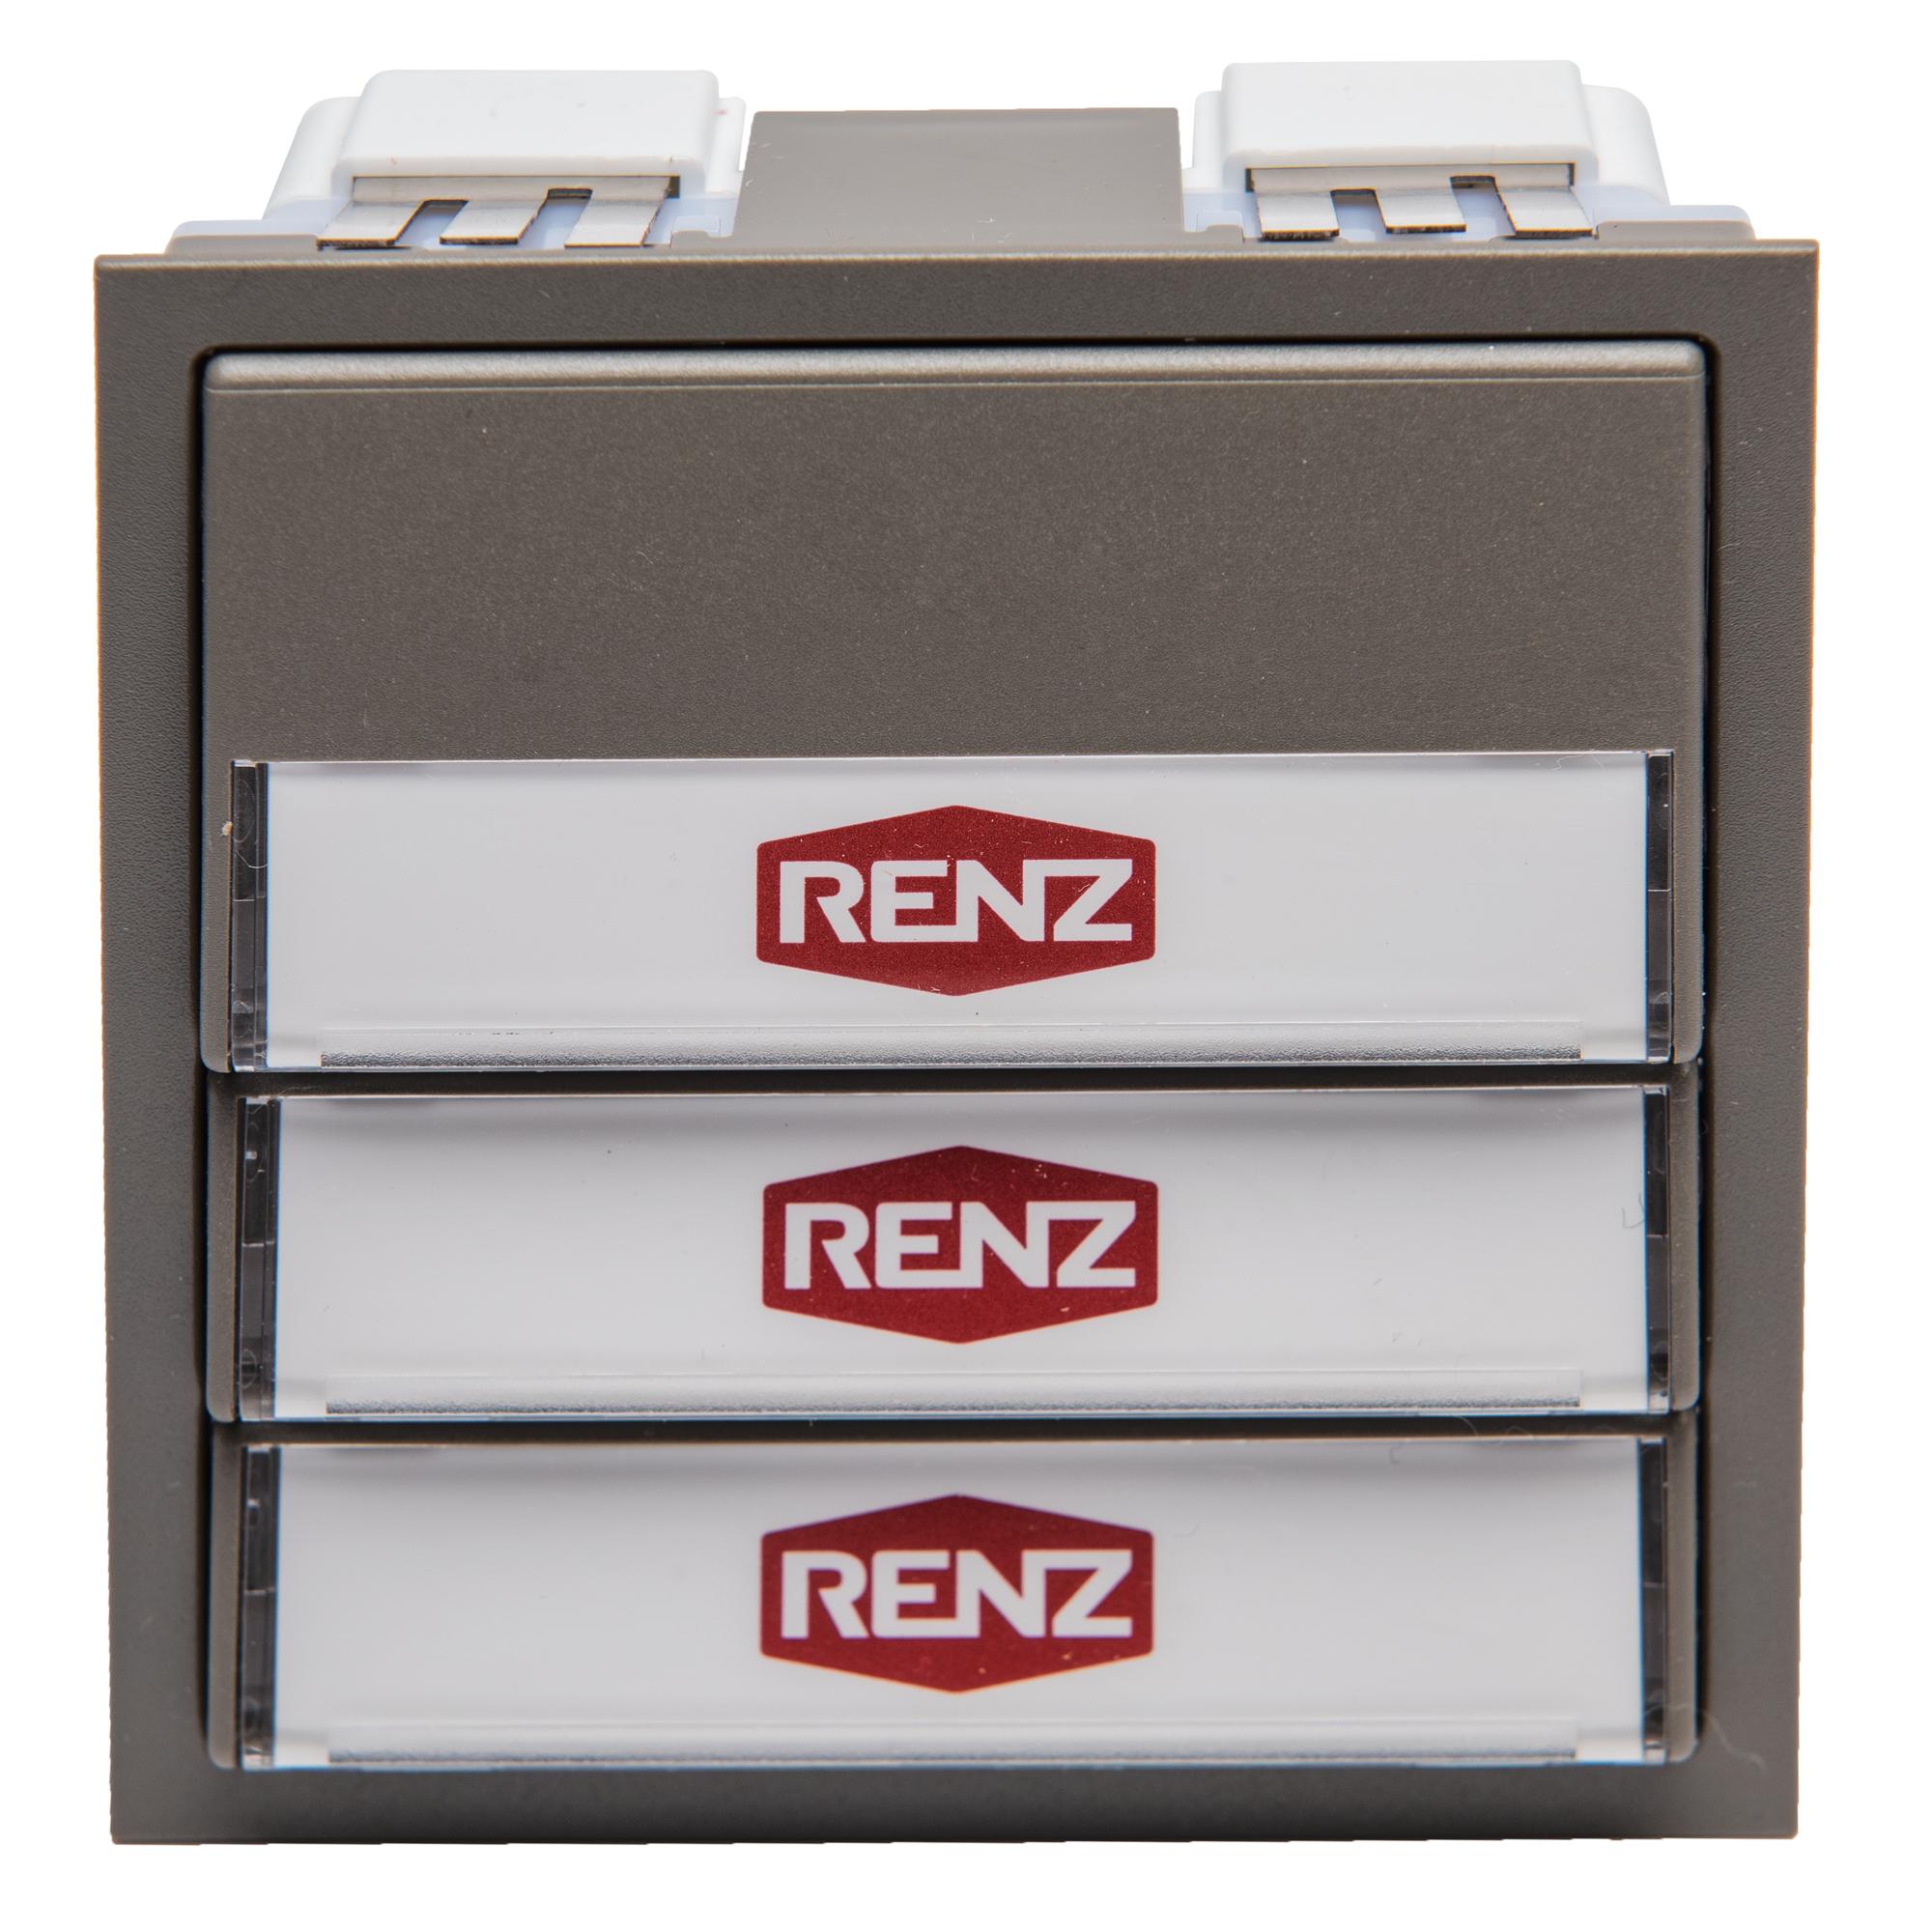 Renz Tastenmodul mit 3 Wipptaster, Farbe: grau